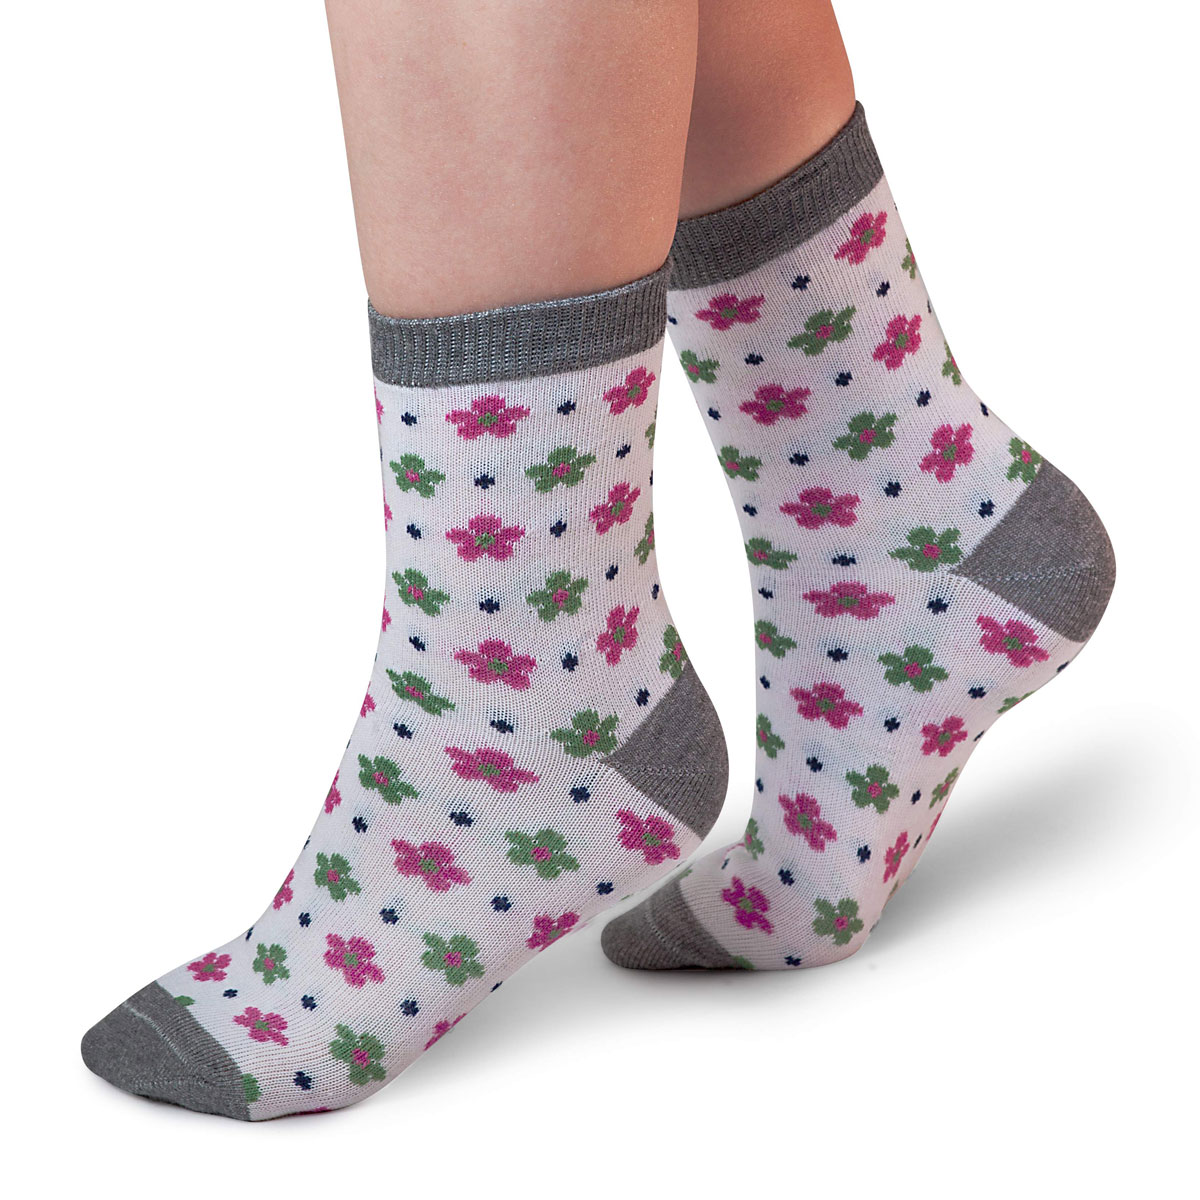 Носки для девочки Idilio, цвет: белый, зеленый. SG08. Размер 30/32SG08Комфортные носки для девочек с добавлением экологически чистого хлопка, изготовленные без применения химических красителей.